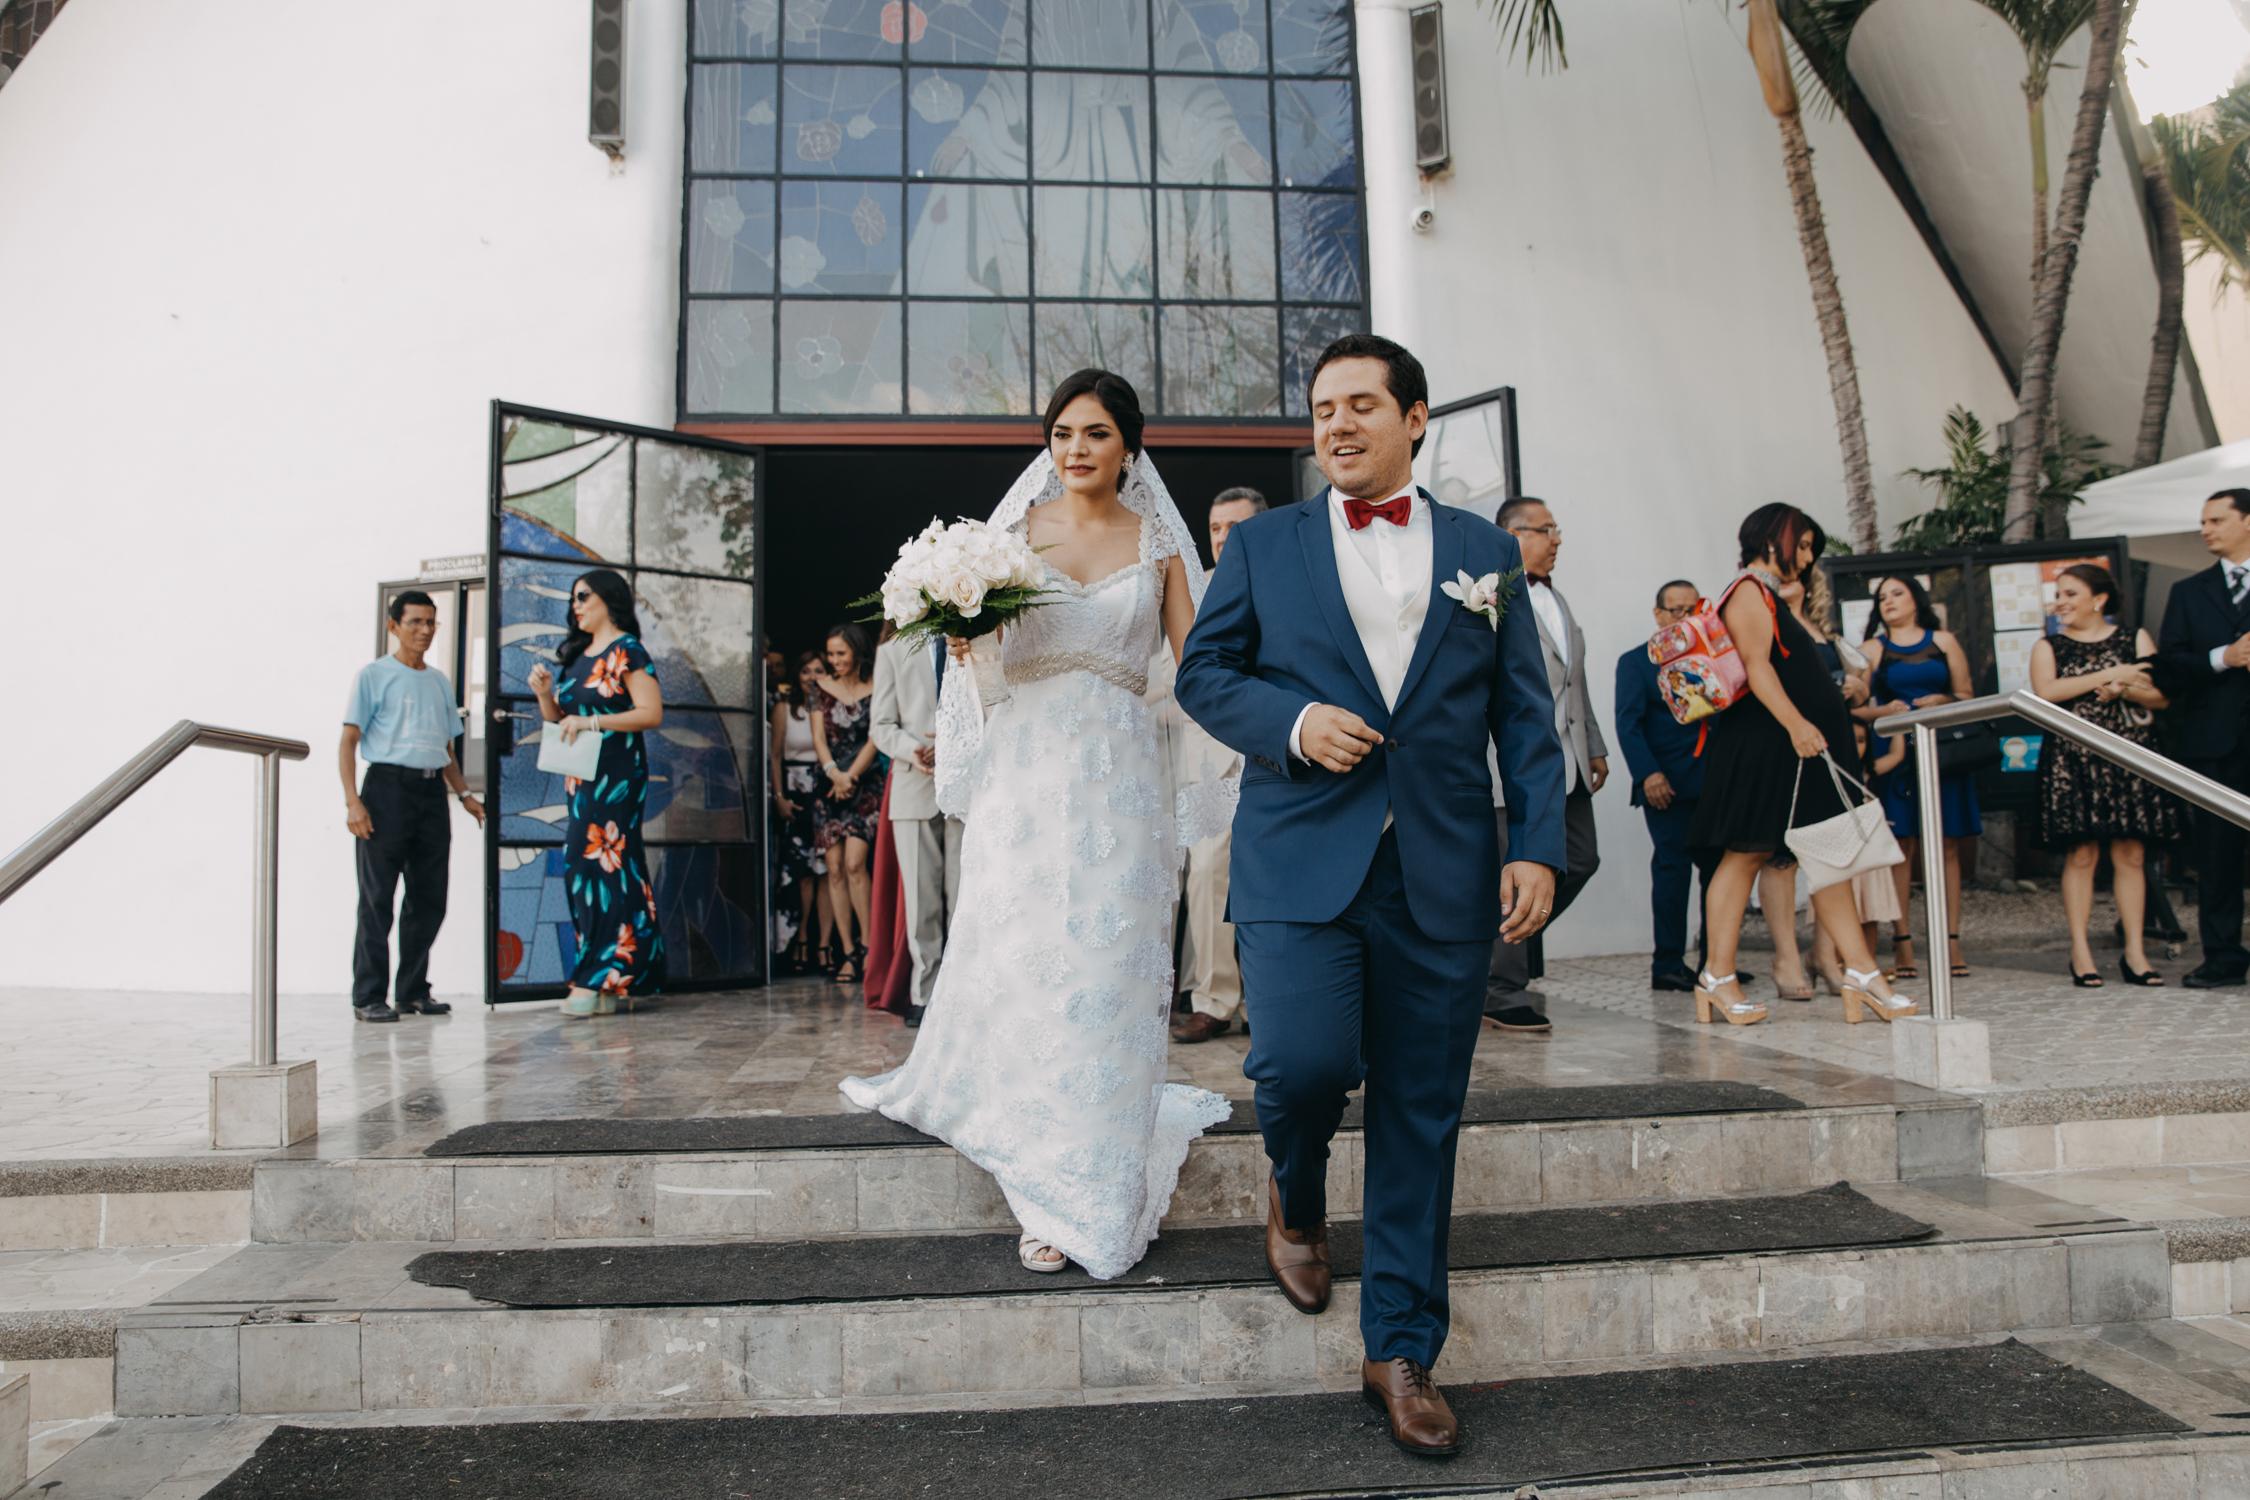 Michelle-Agurto-Fotografia-Bodas-Ecuador-Destination-Wedding-Photographer-Cristi-Luis-68.JPG